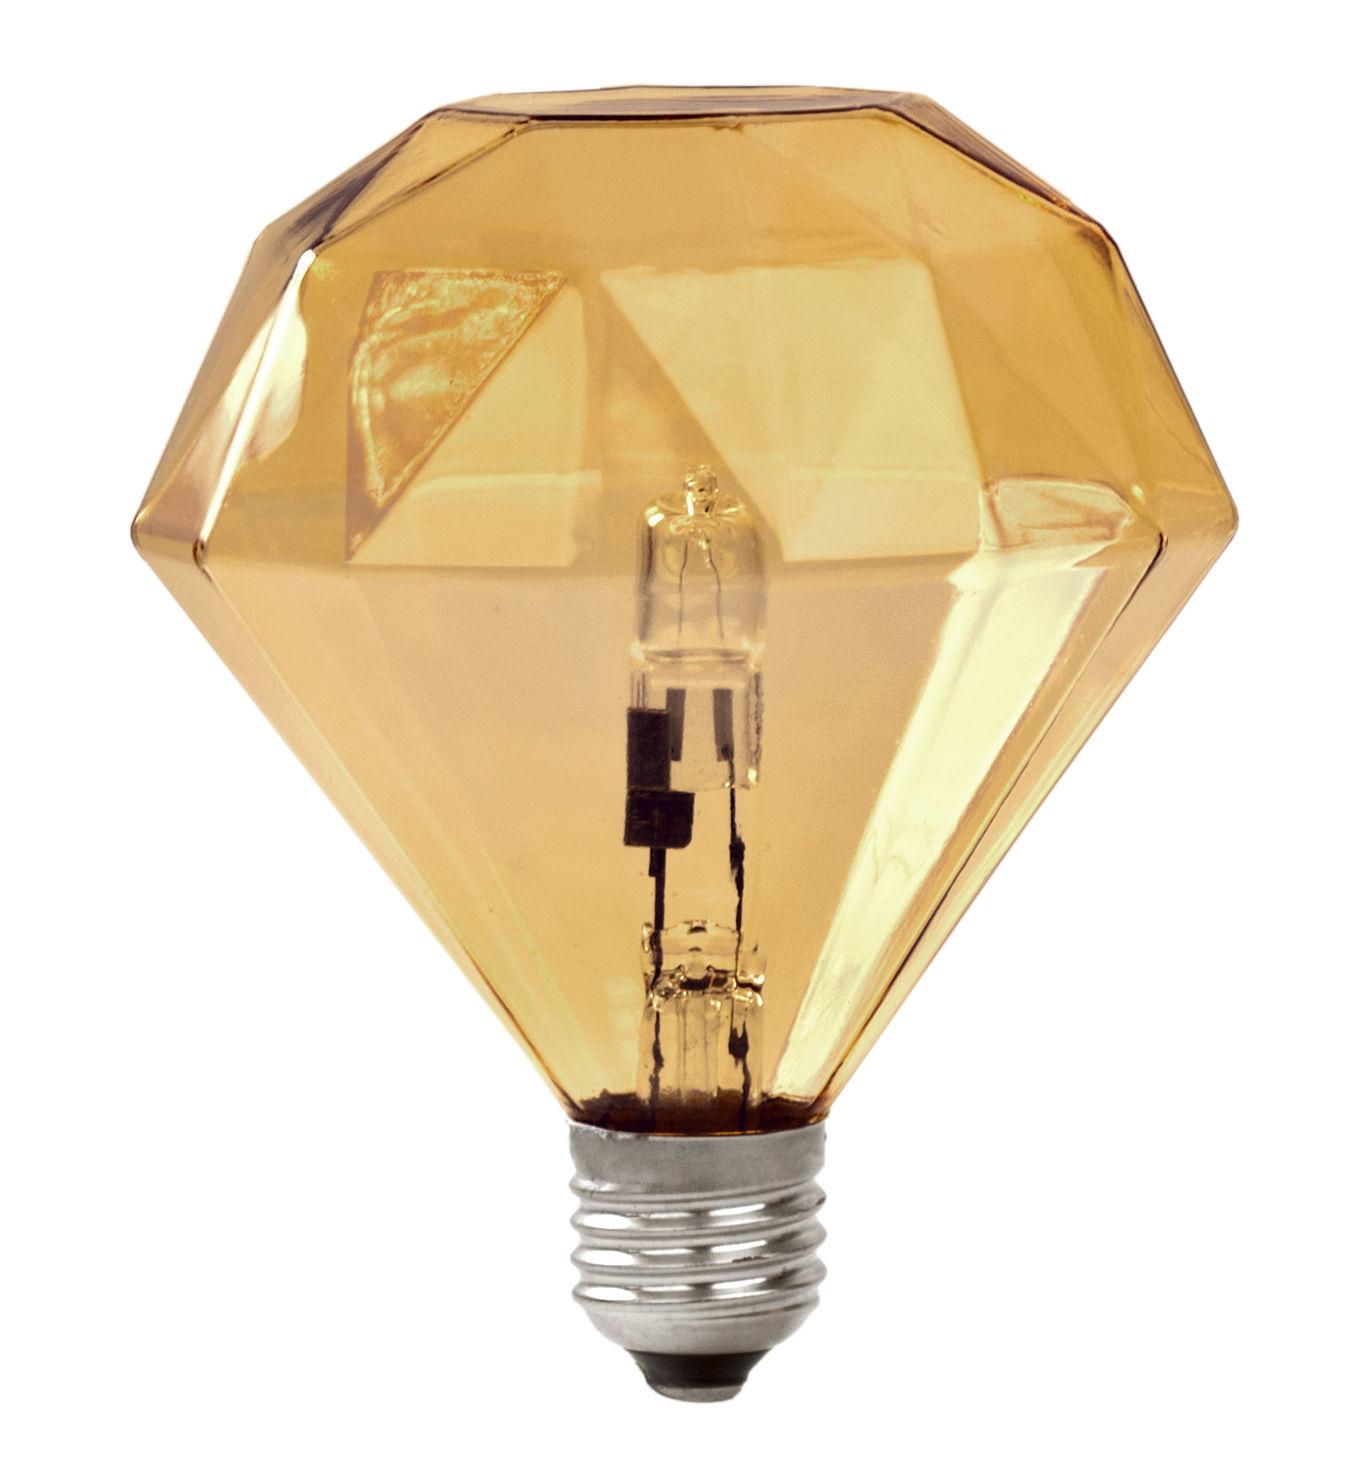 Lighting - Light Bulb & Accessories - Diamond Light Halogen bulb E27 - / E27 Halogene by Frama  - Amber - Glass